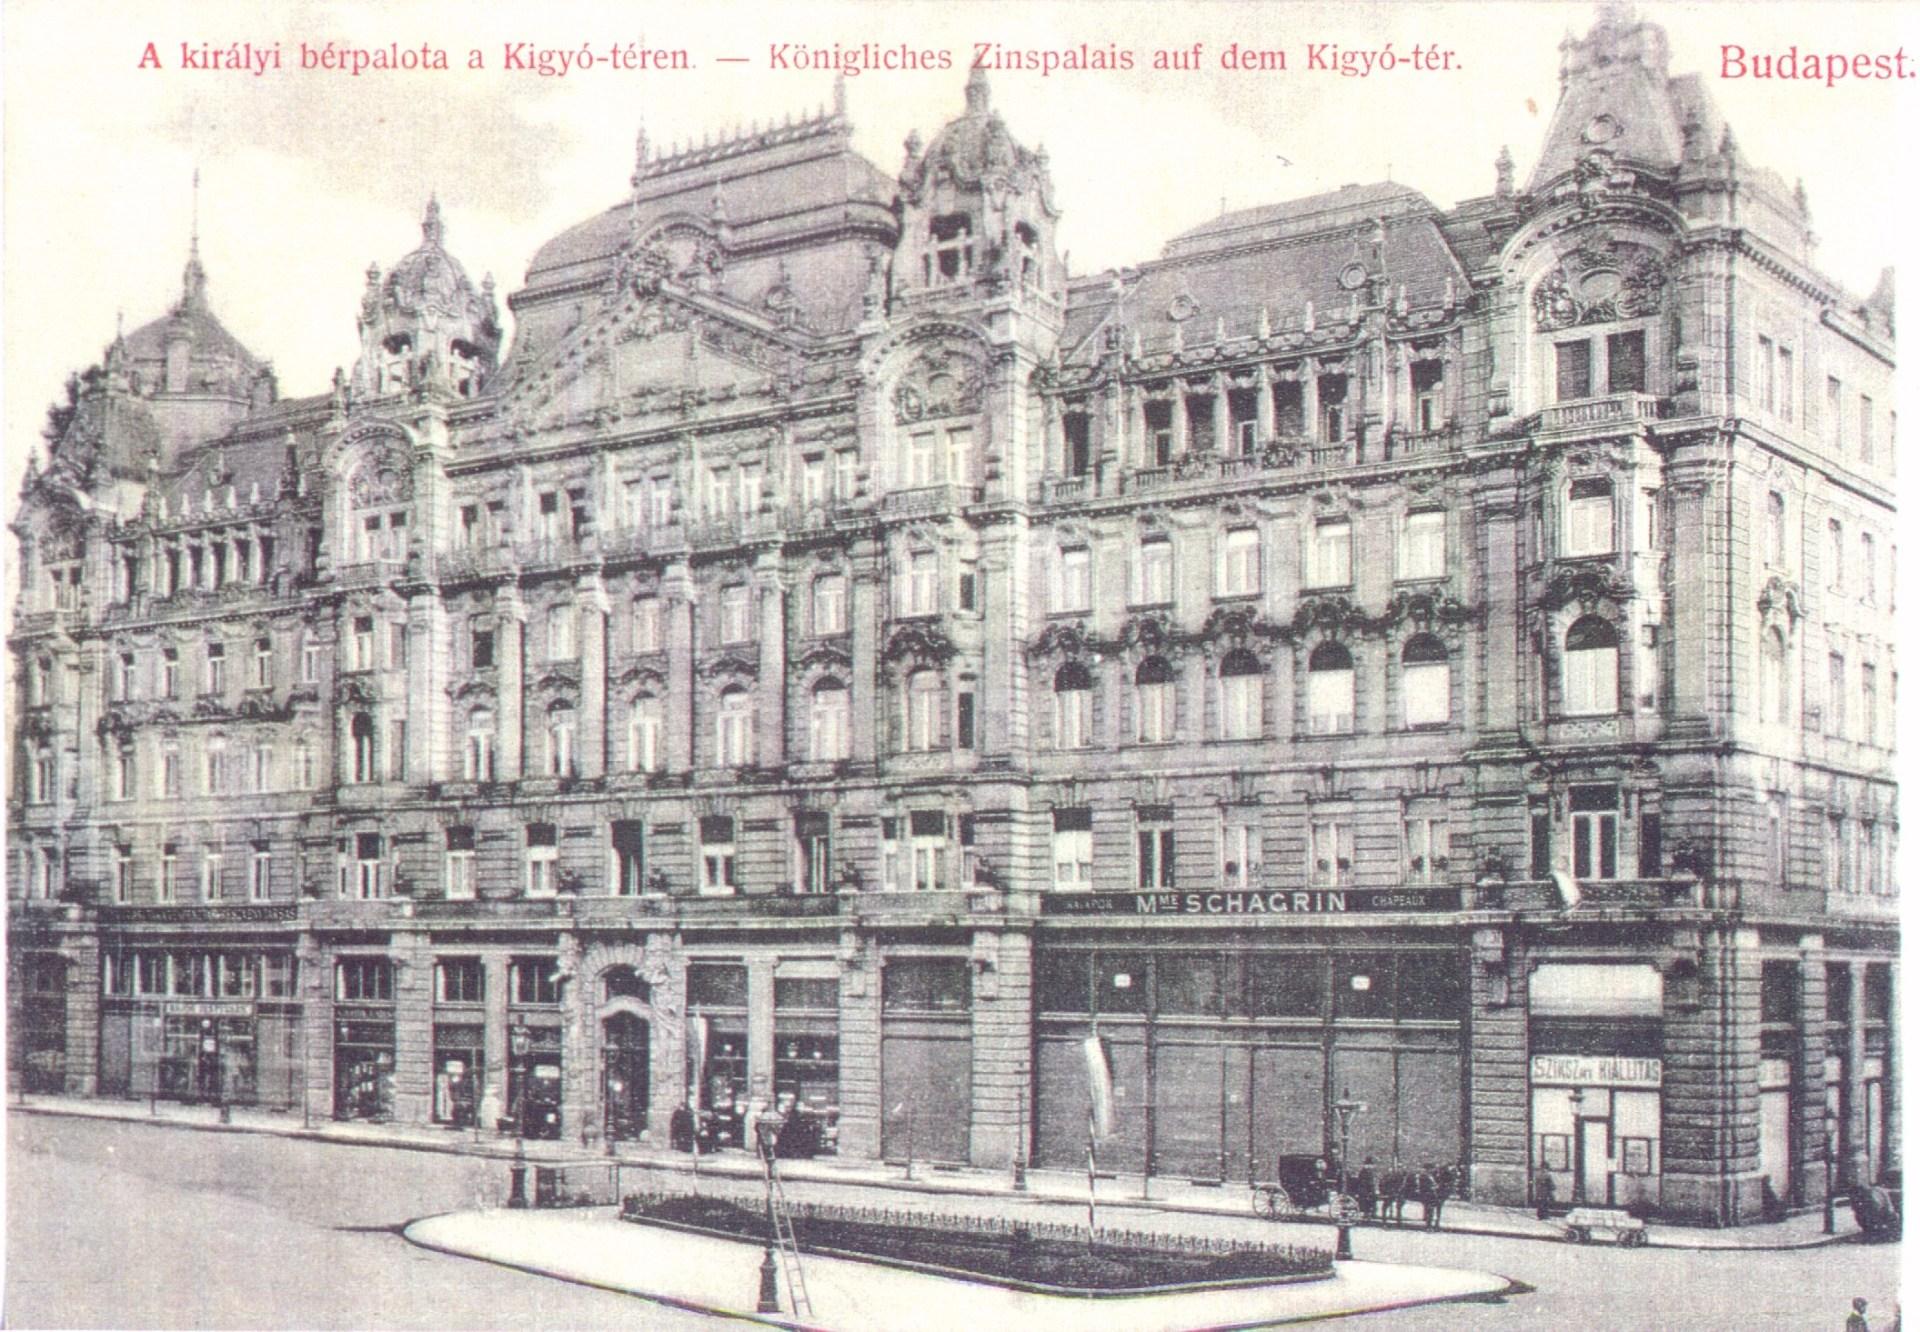 Királyi bérpalota a Kígyó téren. A hatalmas épület 1900–1902-ben épült, egy időben a két Klotild-palotával, amelyek ugyancsak a királyi család magánvagyonához tartoztak. Ferenc József kétszer is meglátogatta az épülő házat. Az épület jobb oldali tetőszerkezete a szemem láttára gyulladt ki 1945 januárjában